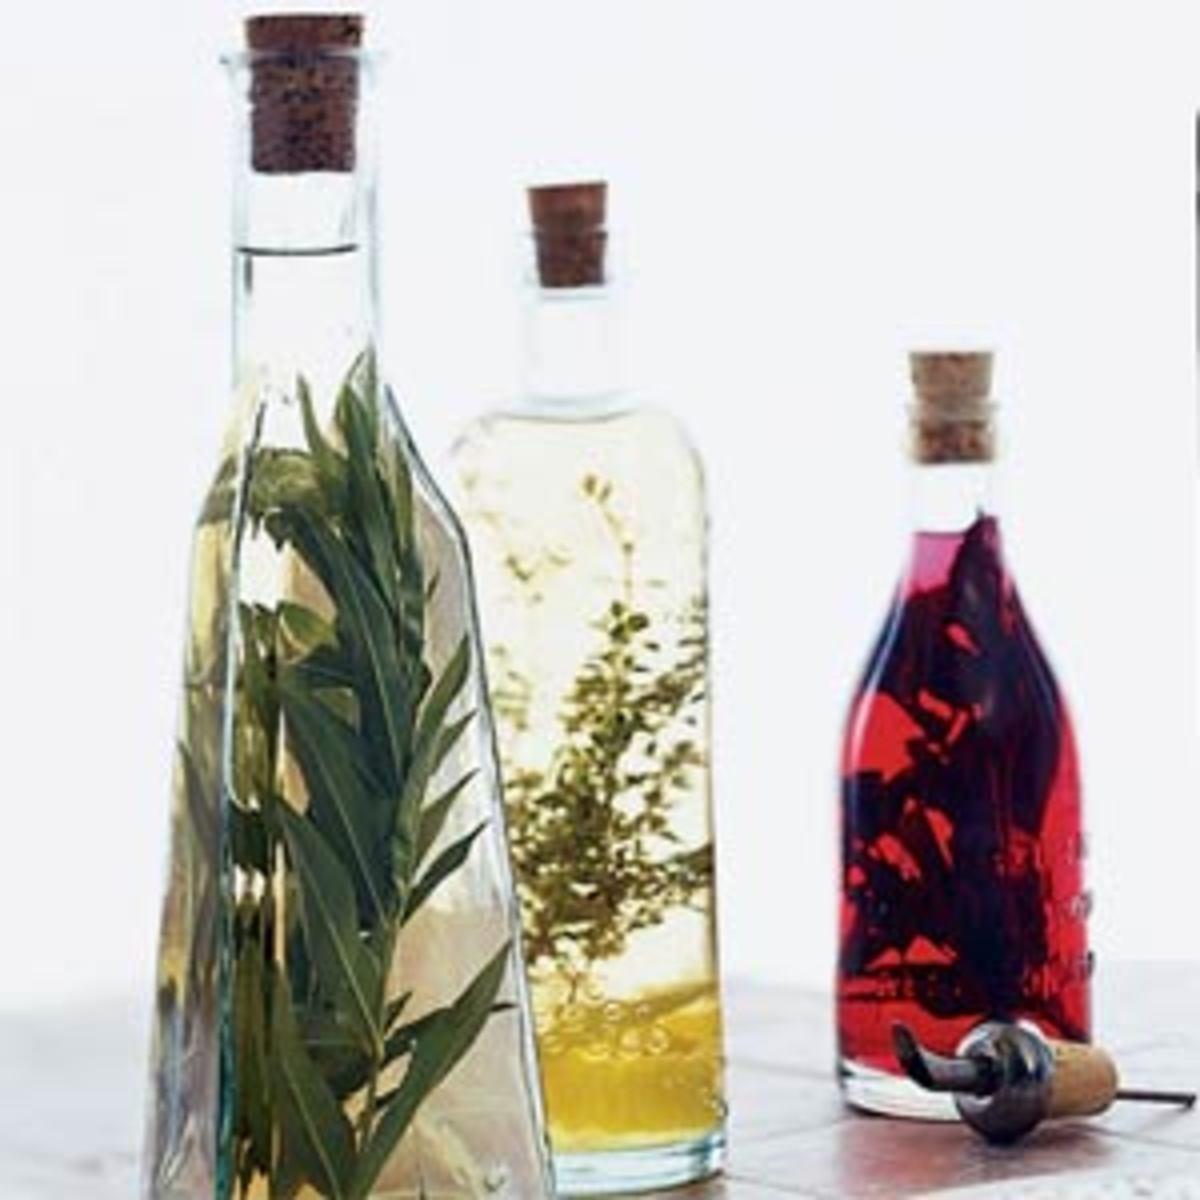 Homemade Basil Vinegar is one of the best tasting vinegars ever.